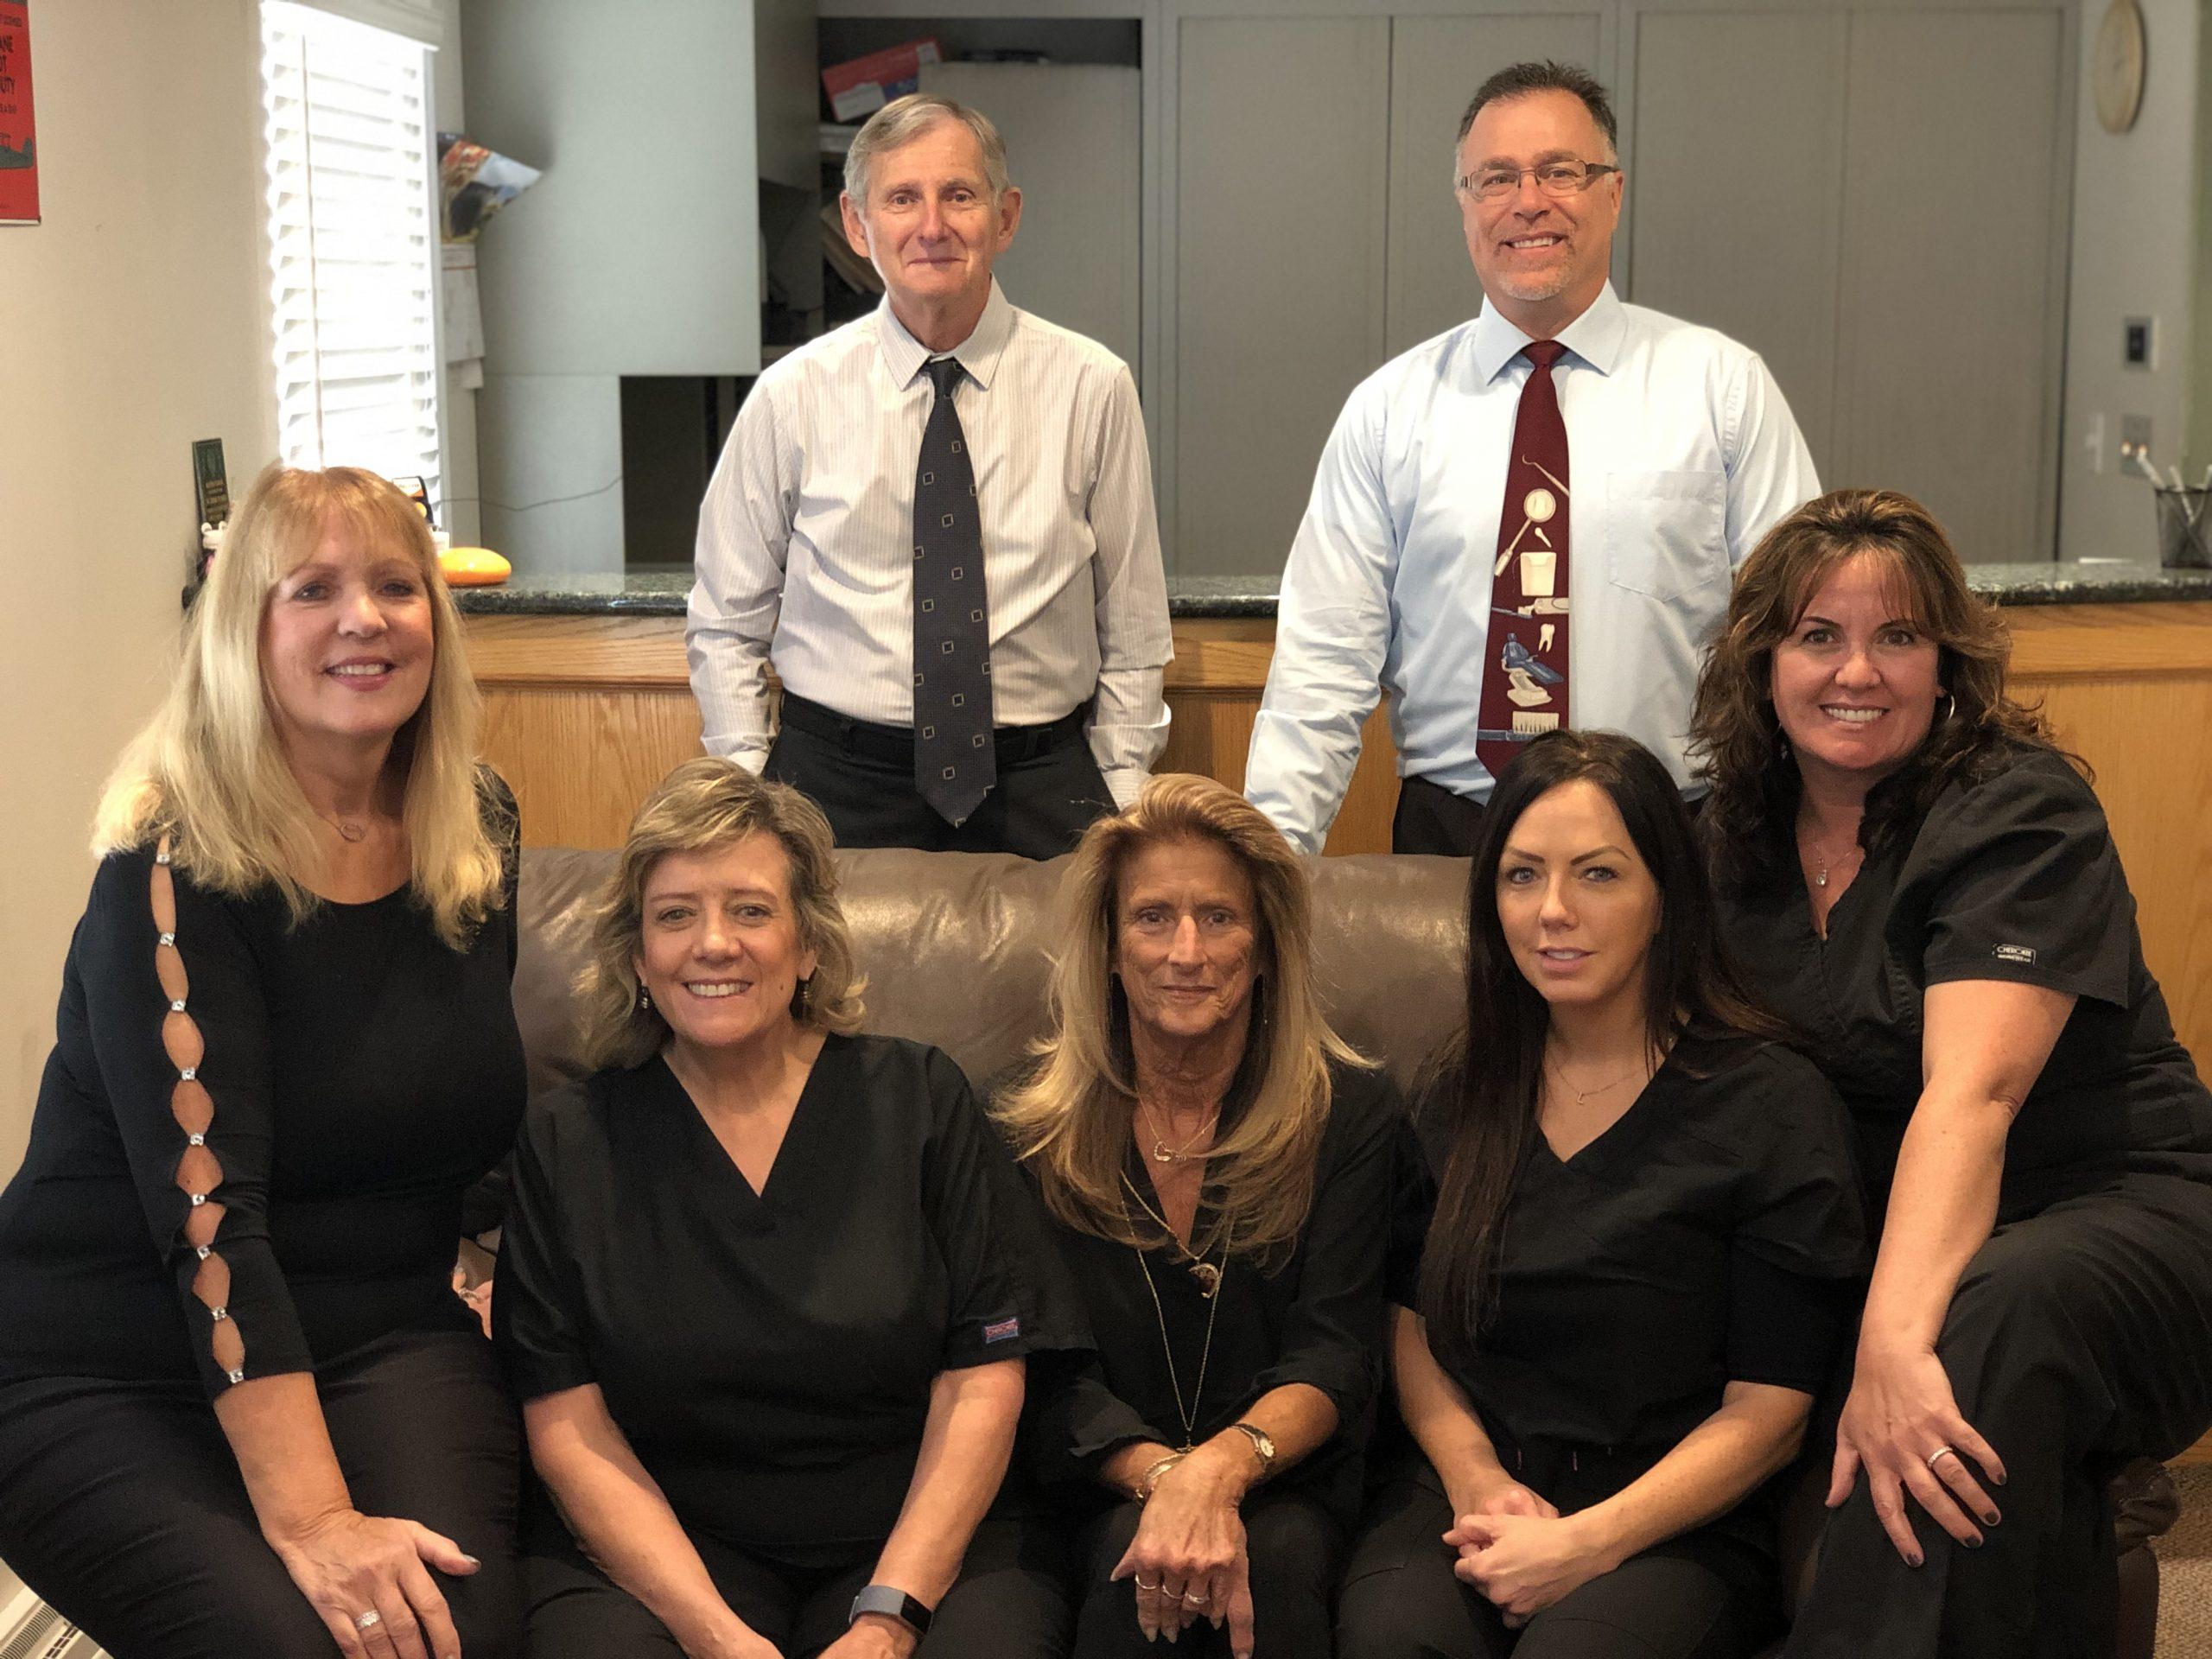 Dental Staff of Dr. Edward Filangeri